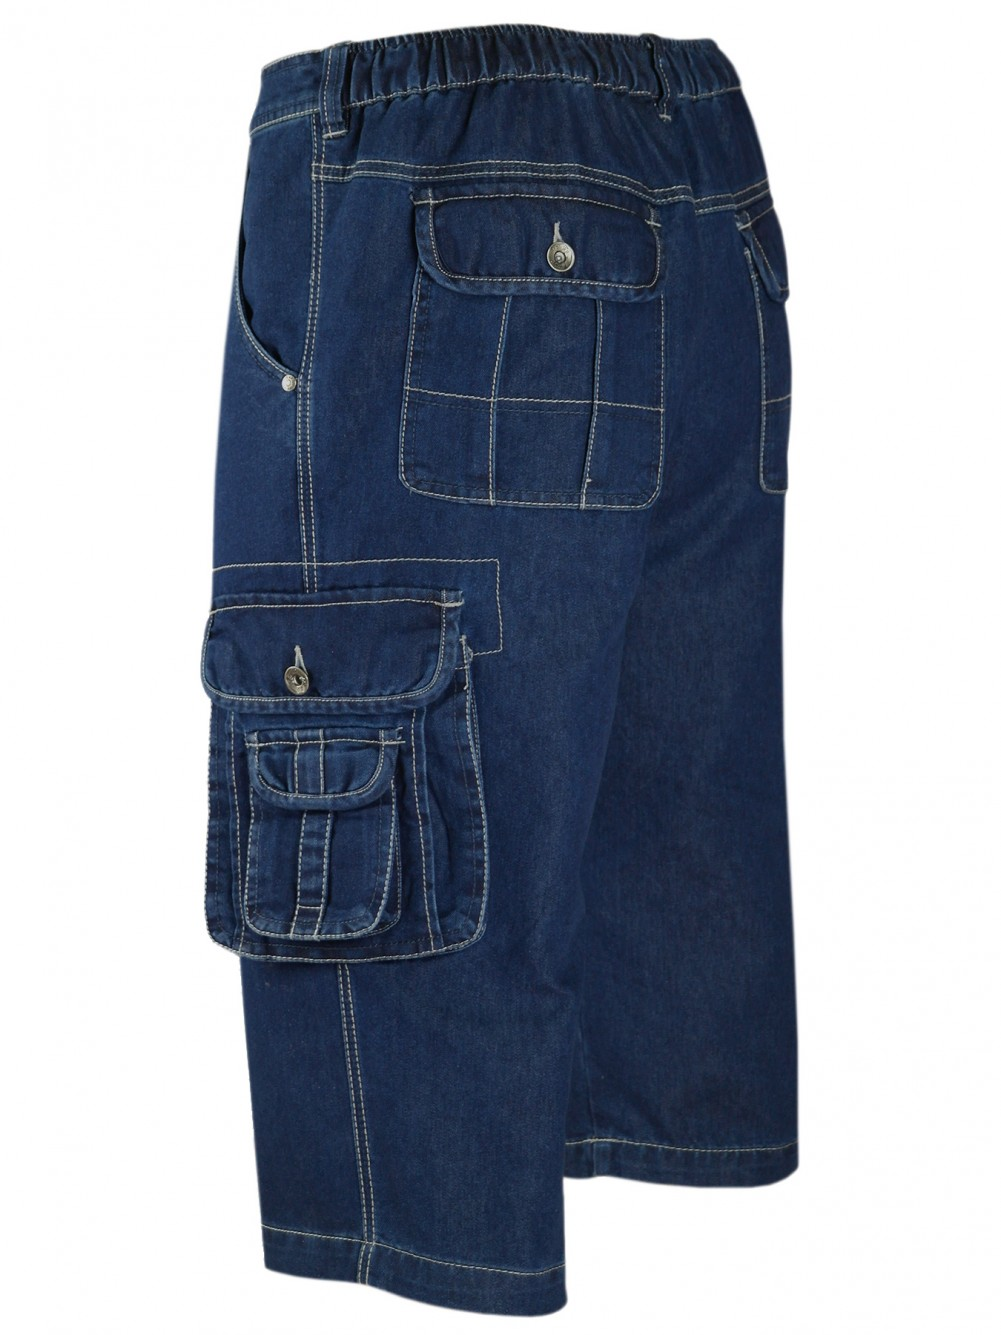 Herren Shorts Jeans Bermuda mit Cargotaschen - lSeitenansicht (Links)